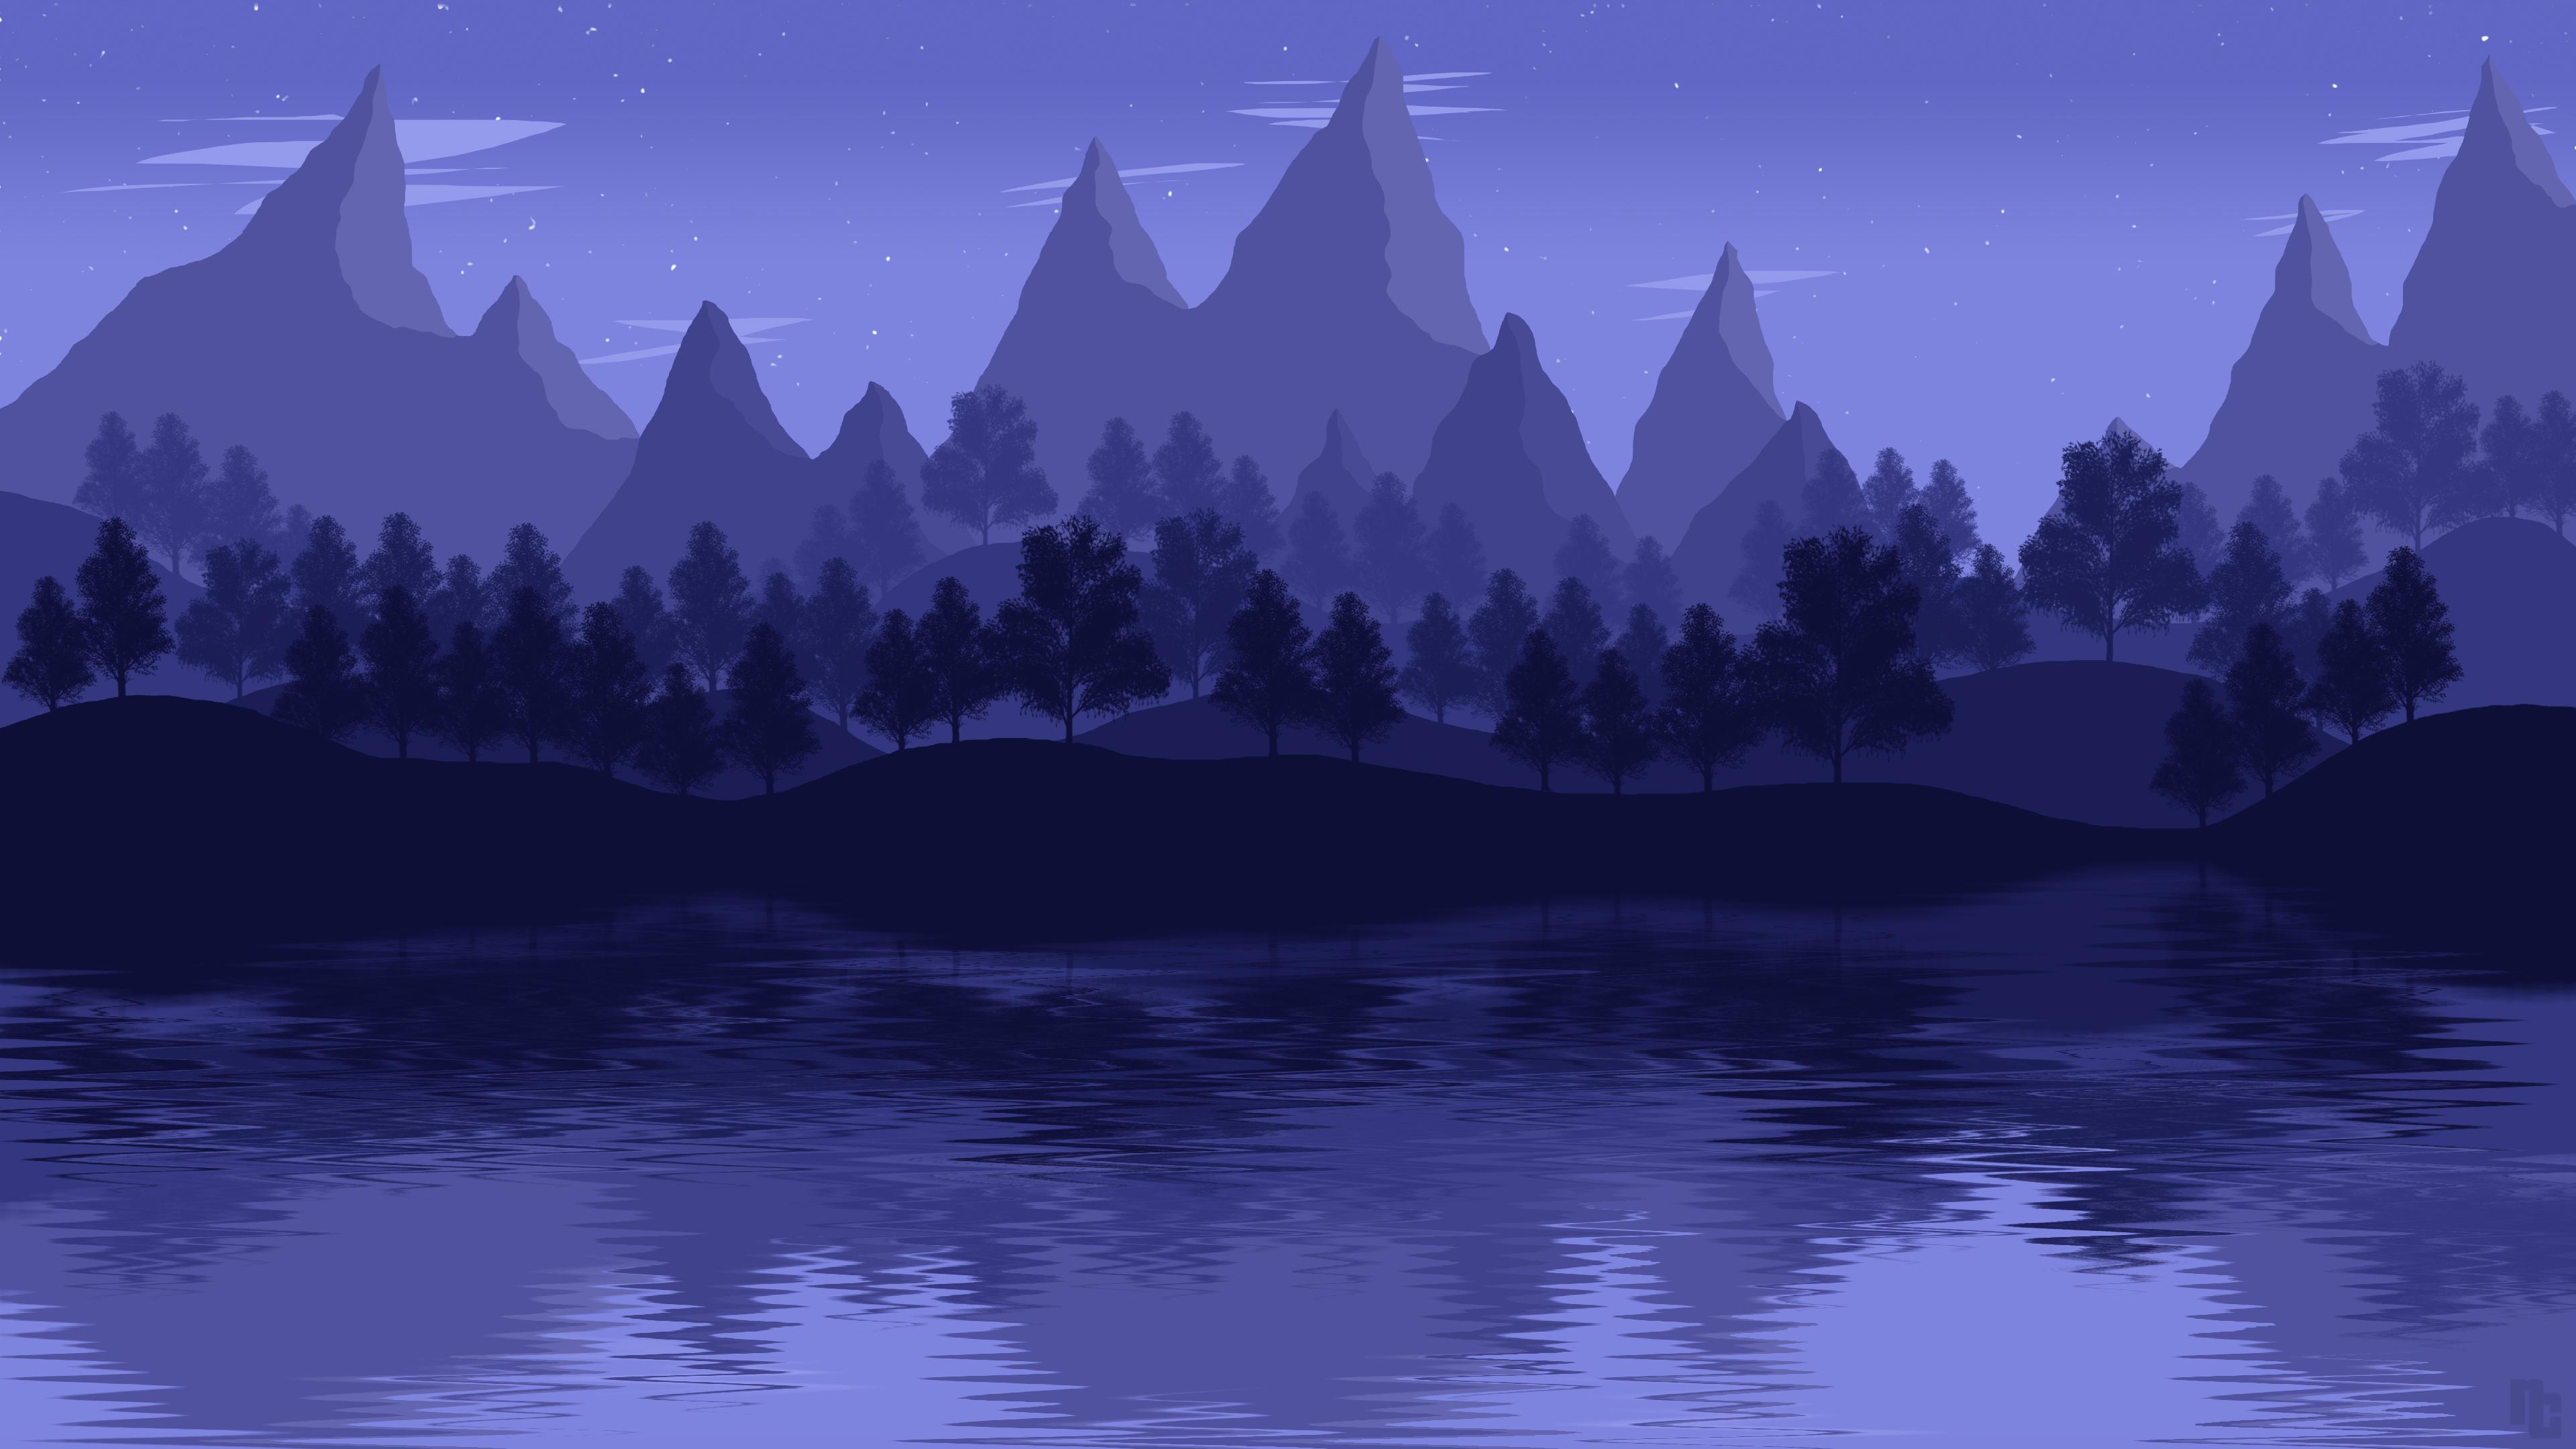 mountain lake landscape 4k 1541970804 - Mountain Lake Landscape 4k - mountains wallpapers, minimalist wallpapers, minimalism wallpapers, landscape wallpapers, lake wallpapers, hd-wallpapers, digital art wallpapers, deviantart wallpapers, artwork wallpapers, artist wallpapers, 4k-wallpapers